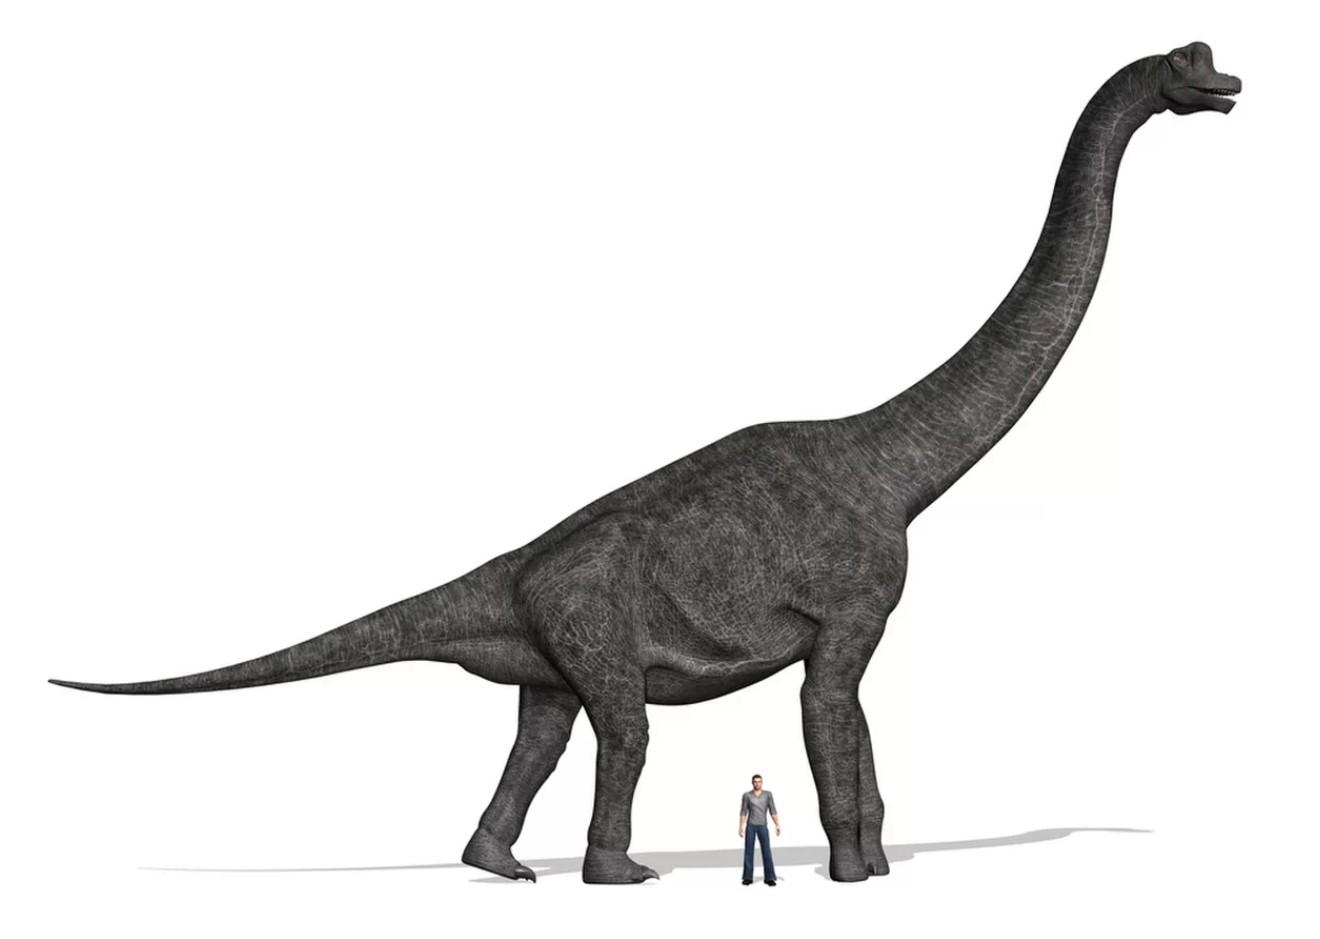 Dar reconstrucțiile Brachiosaurus-ului făcute de paleontologi, bazate pe fosile, arată foarte mult ca descrierea făcută de Dumnezeu lui behemot în cartea lui Iov.